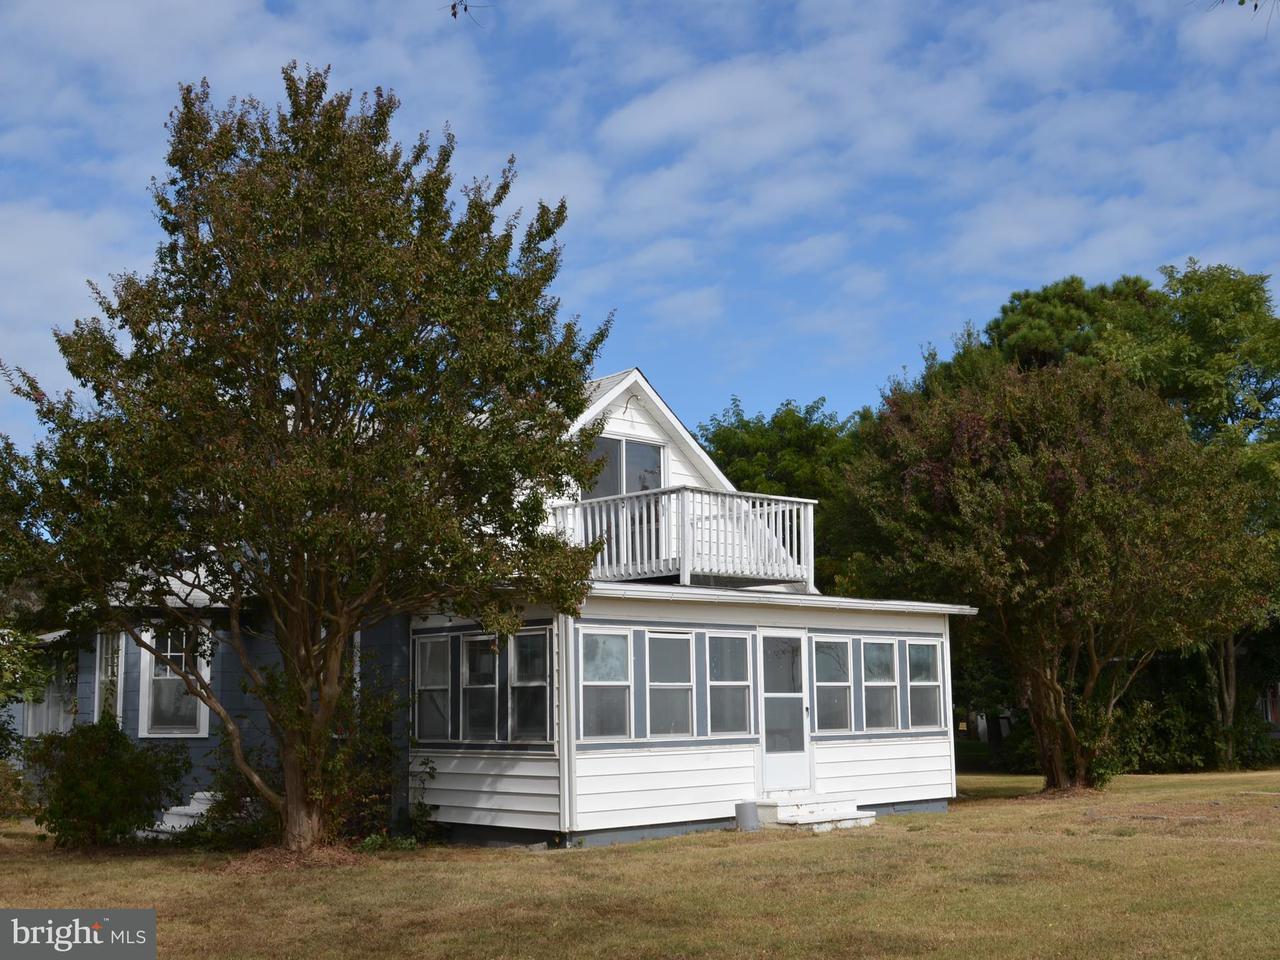 Частный односемейный дом для того Продажа на 11026 BEACH Drive 11026 BEACH Drive Lusby, Мэриленд 20657 Соединенные Штаты